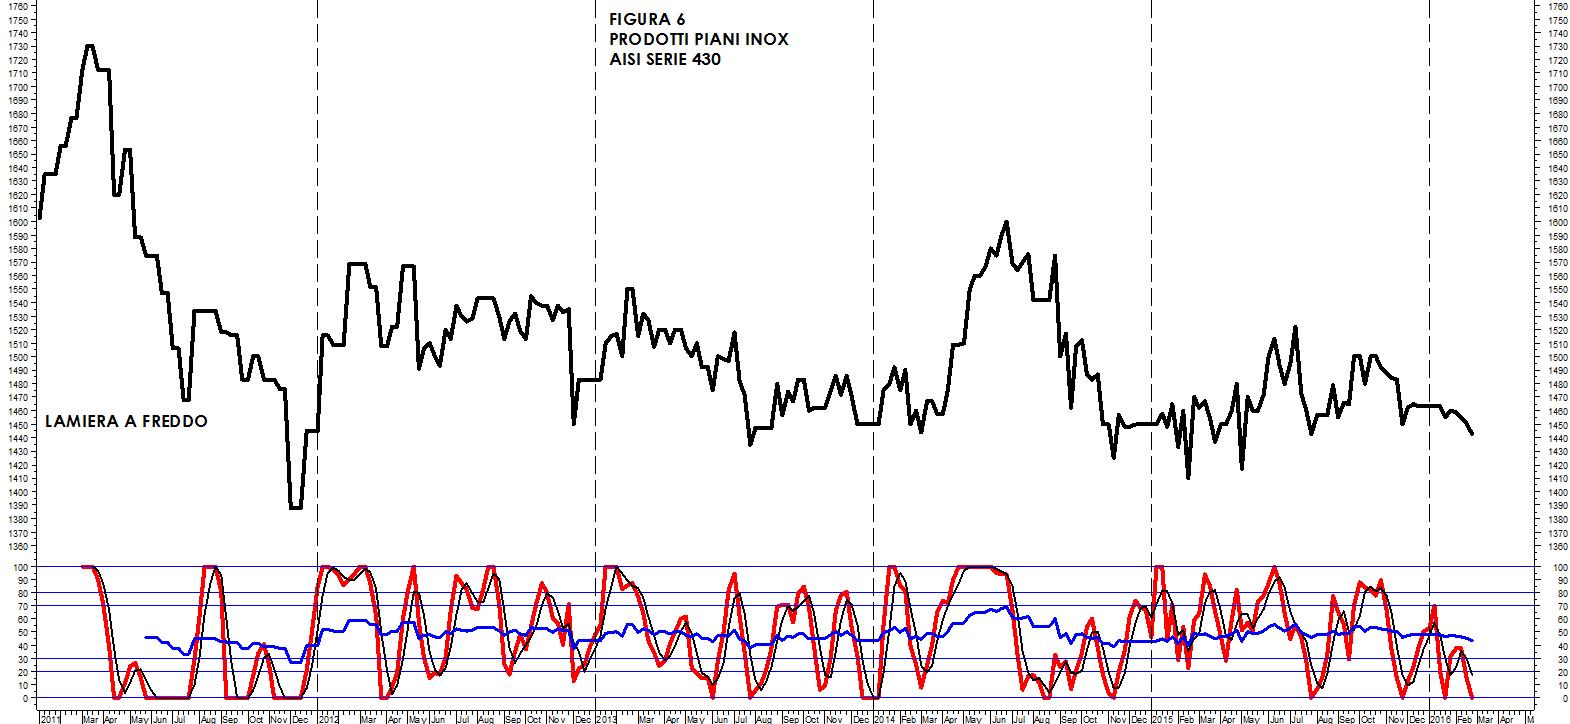 Quotazione Acciaio Al Kg analisi settimanale dei prezzi: inox e nickel   siderweb